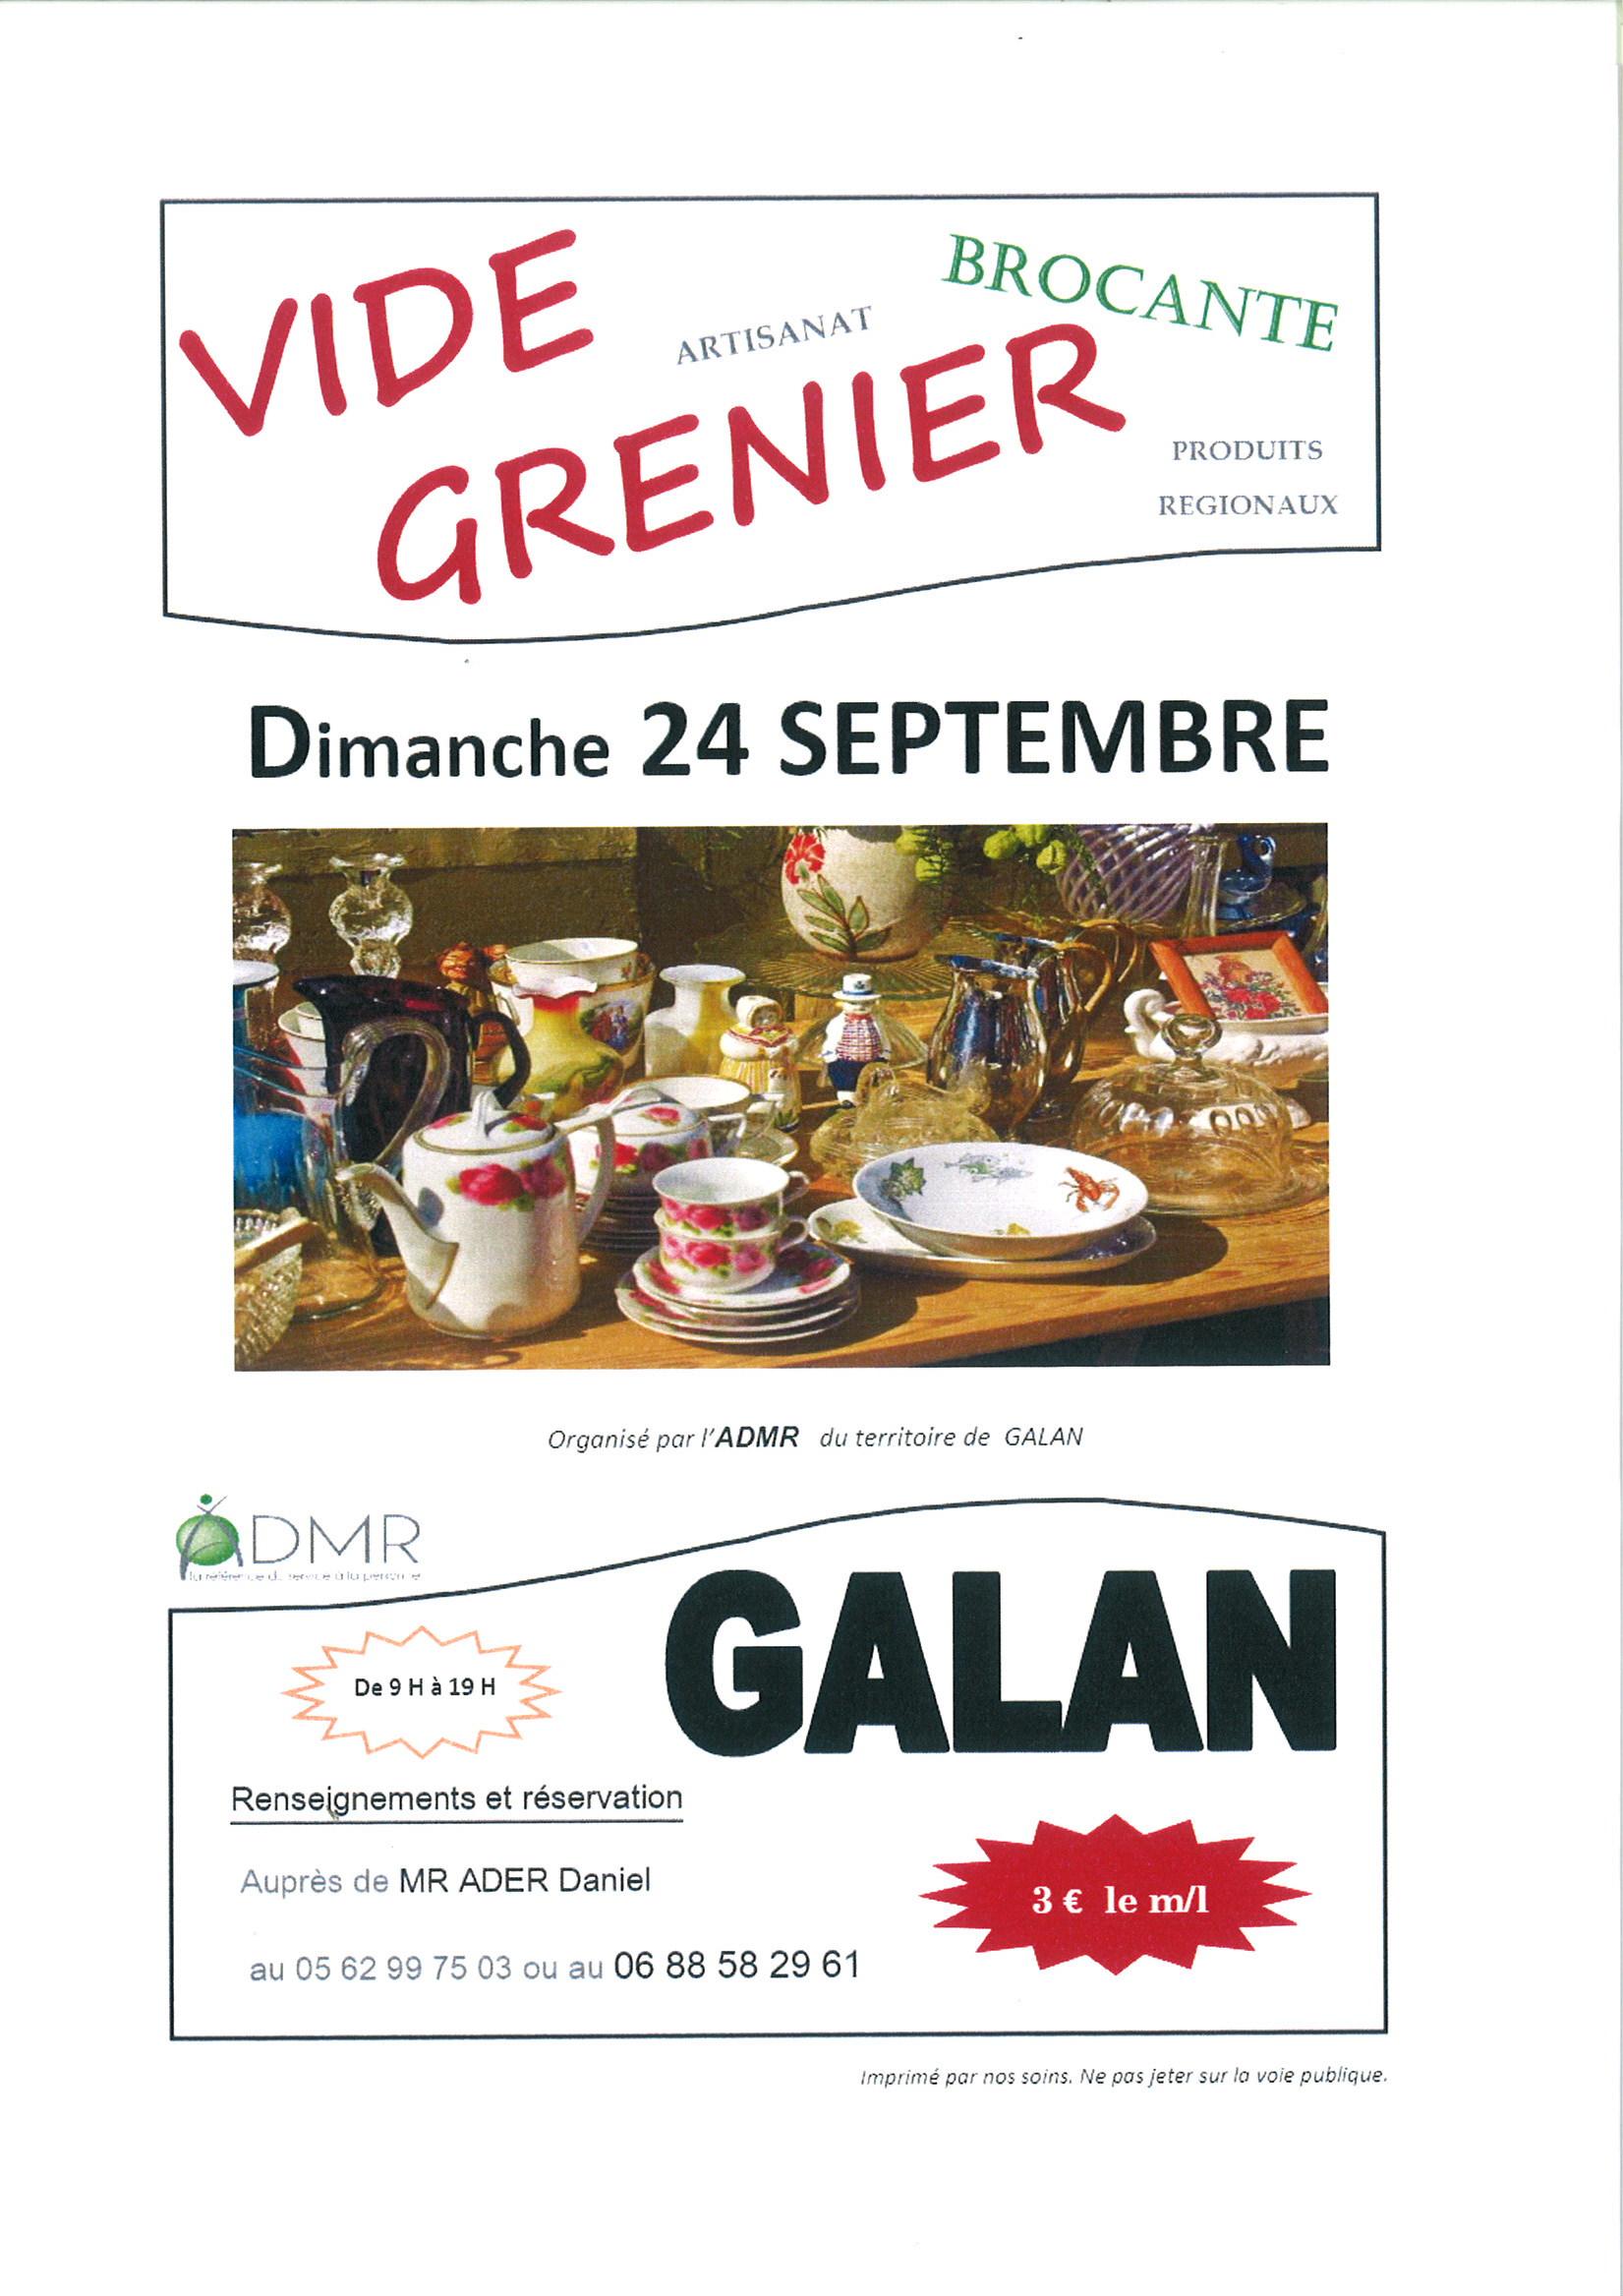 Vide grenier mairie de galan for Vide grenier loiret 2017